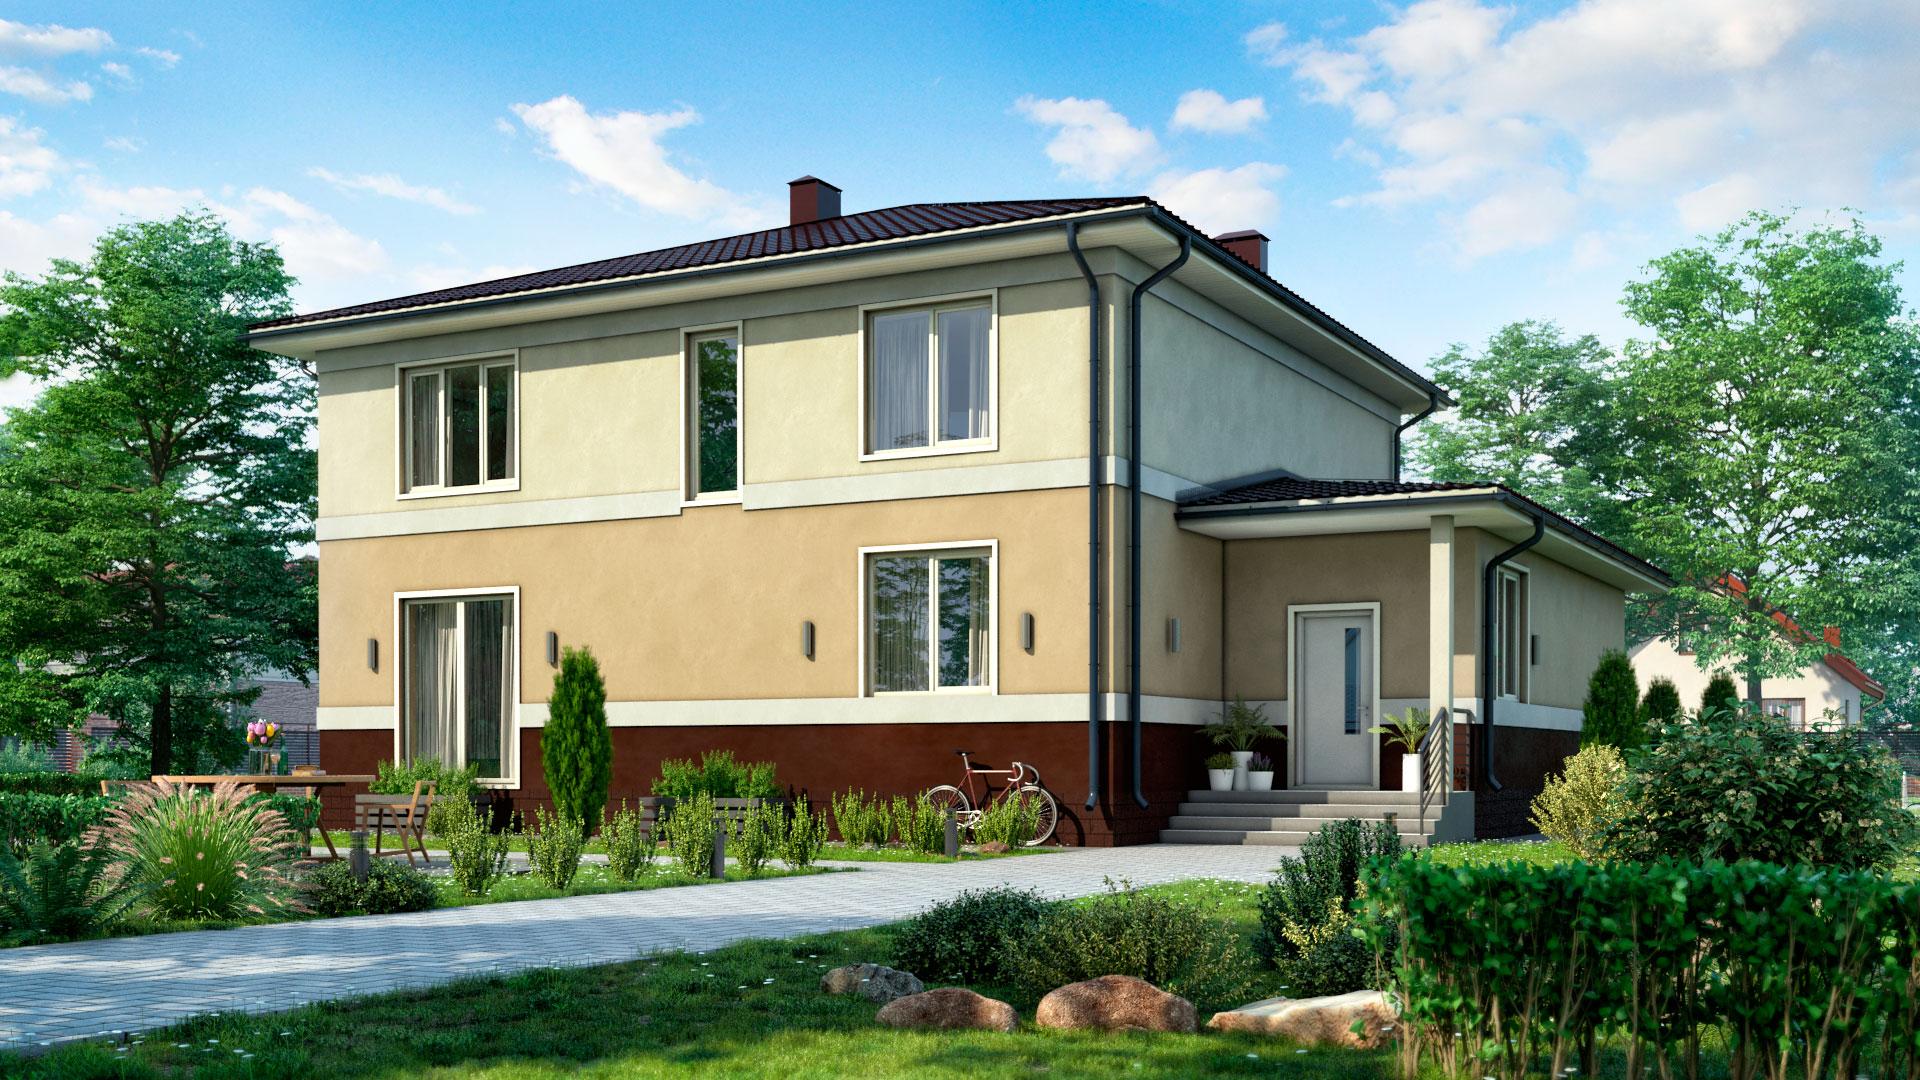 Задний фасад двухэтажного дома с 3 спальнями и гаражом, 264 м2. Проект БП-271.